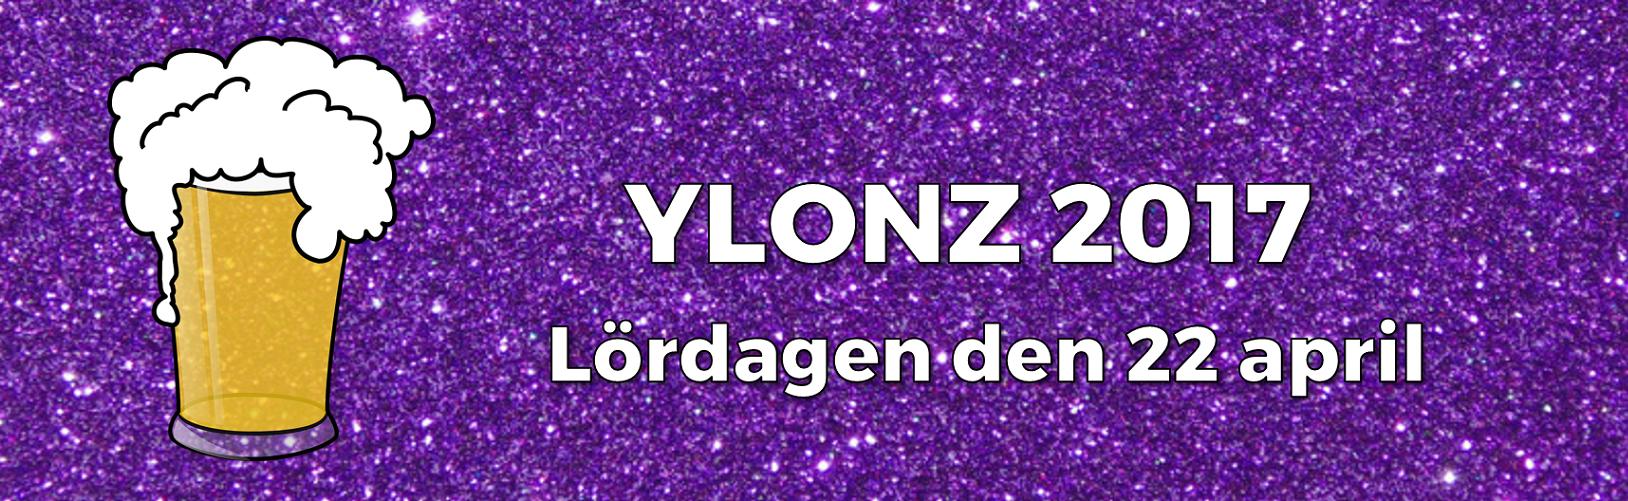 Ylonz_forstasidan